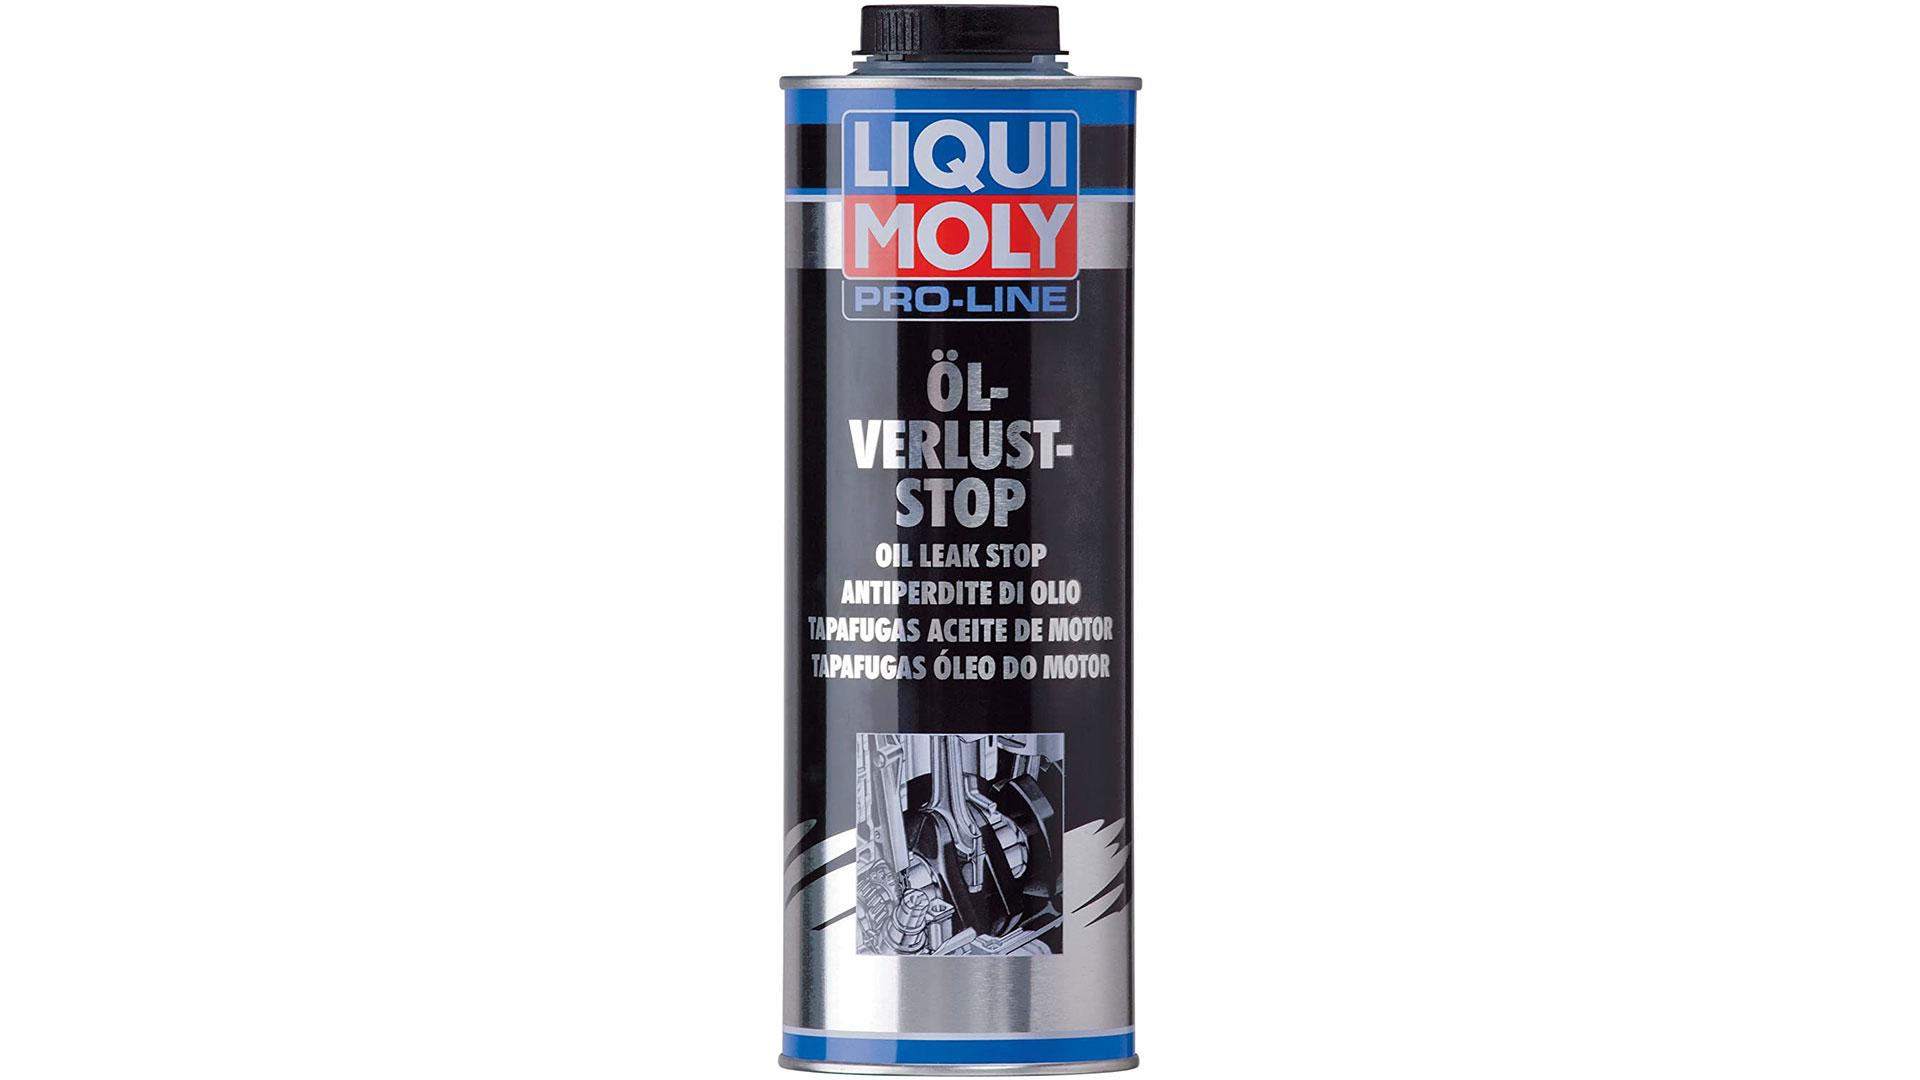 liqui moly pro line oil stop leak